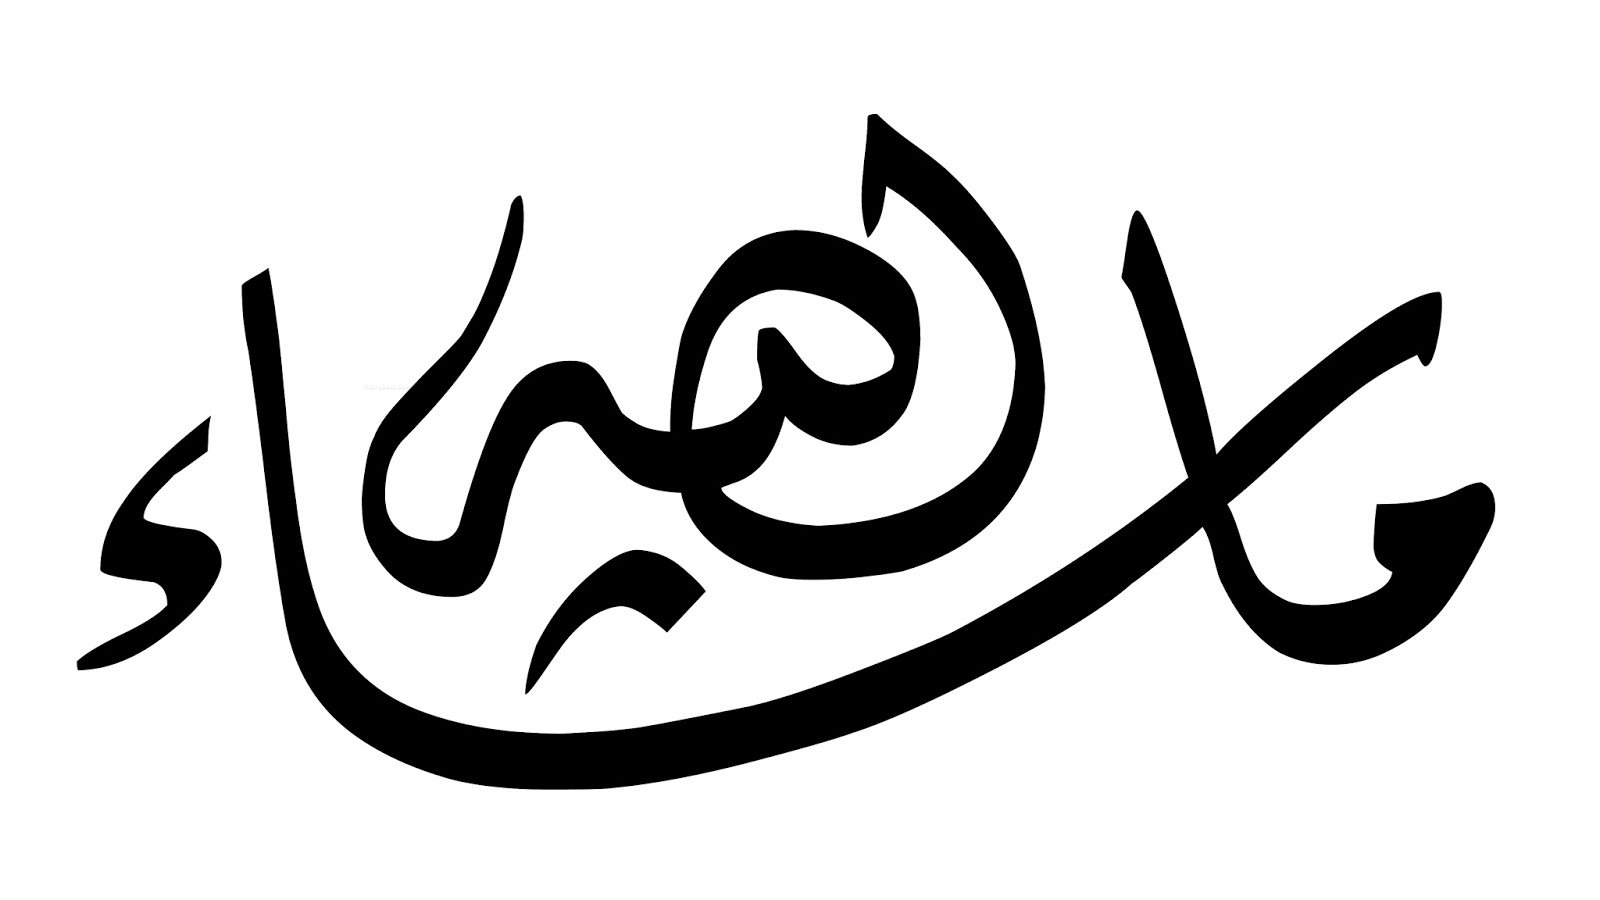 الخط العربي خط يدي ماشاء الله عدستي حياكم